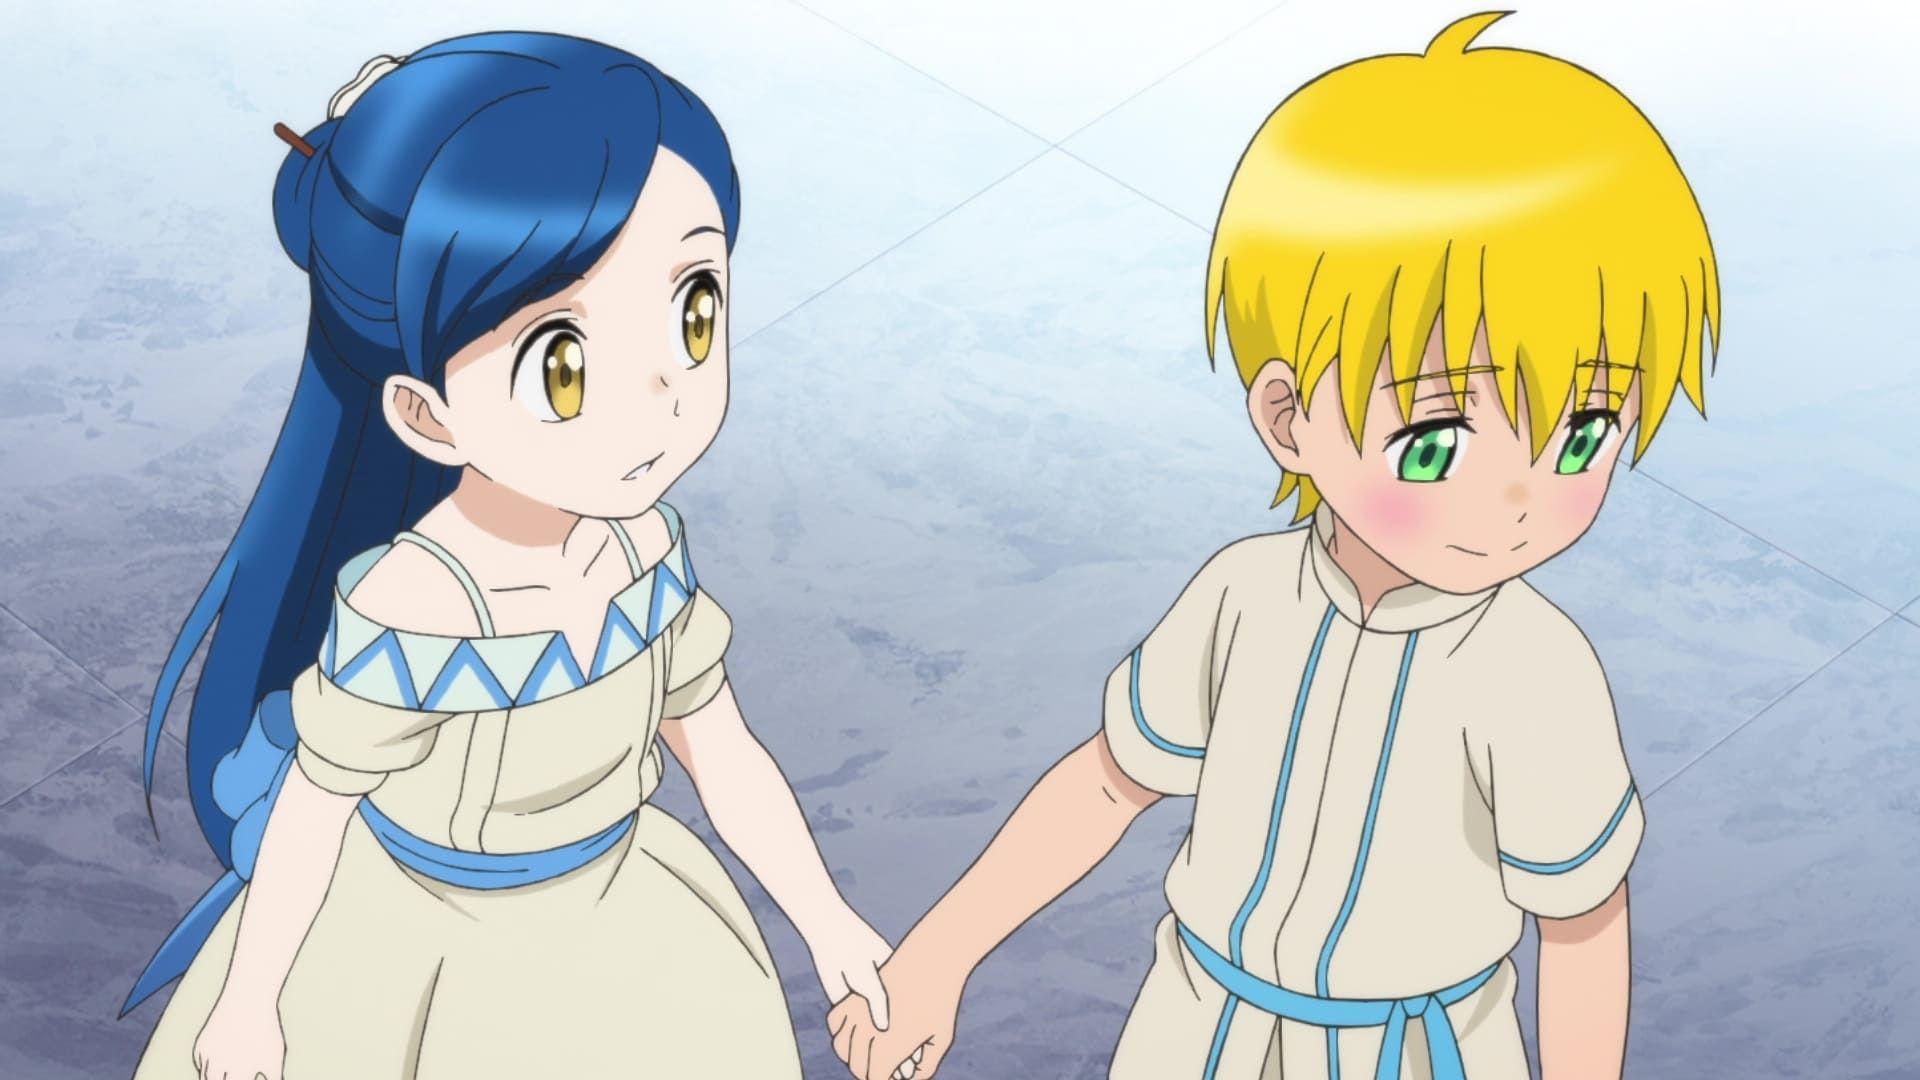 Download dan Streaming Anime Subtitle Indonesia (Có hình ảnh)